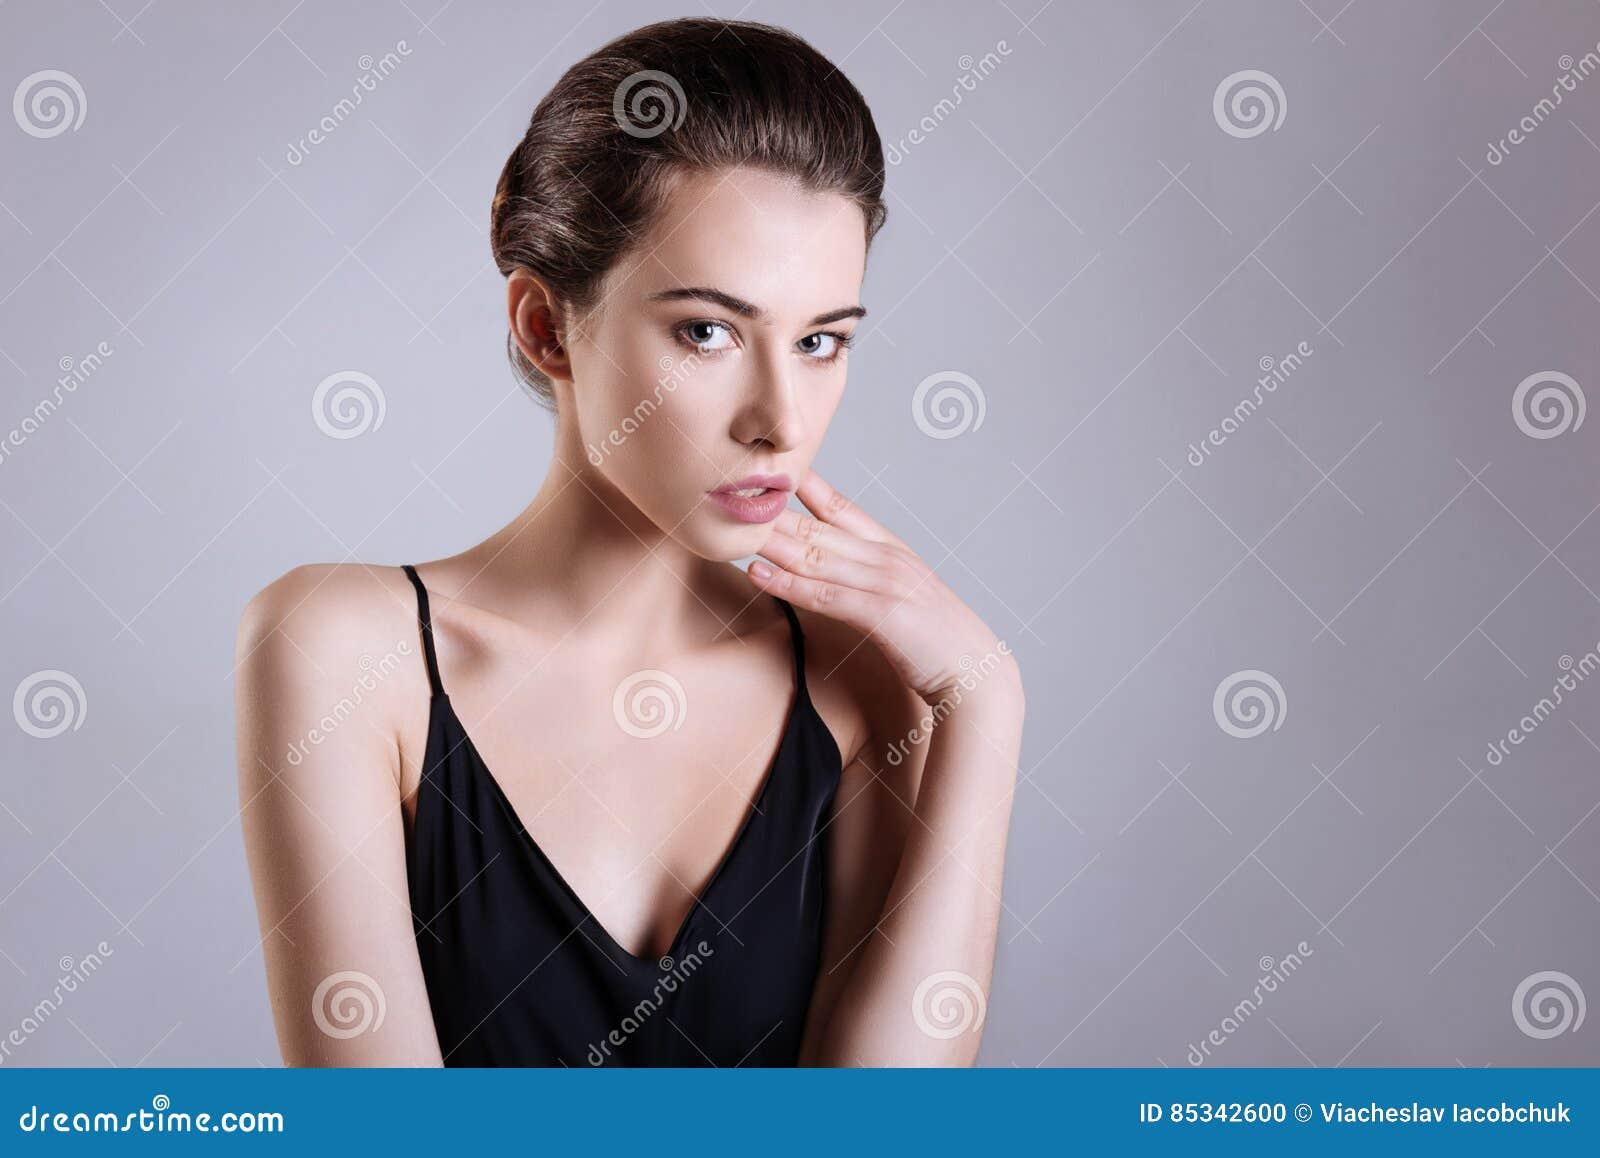 Actitud estándar La chica joven magnética blanda que pega una actitud  mientras que se inclina en una de sus manos y que lleva la seda negra remata 1b1571574e